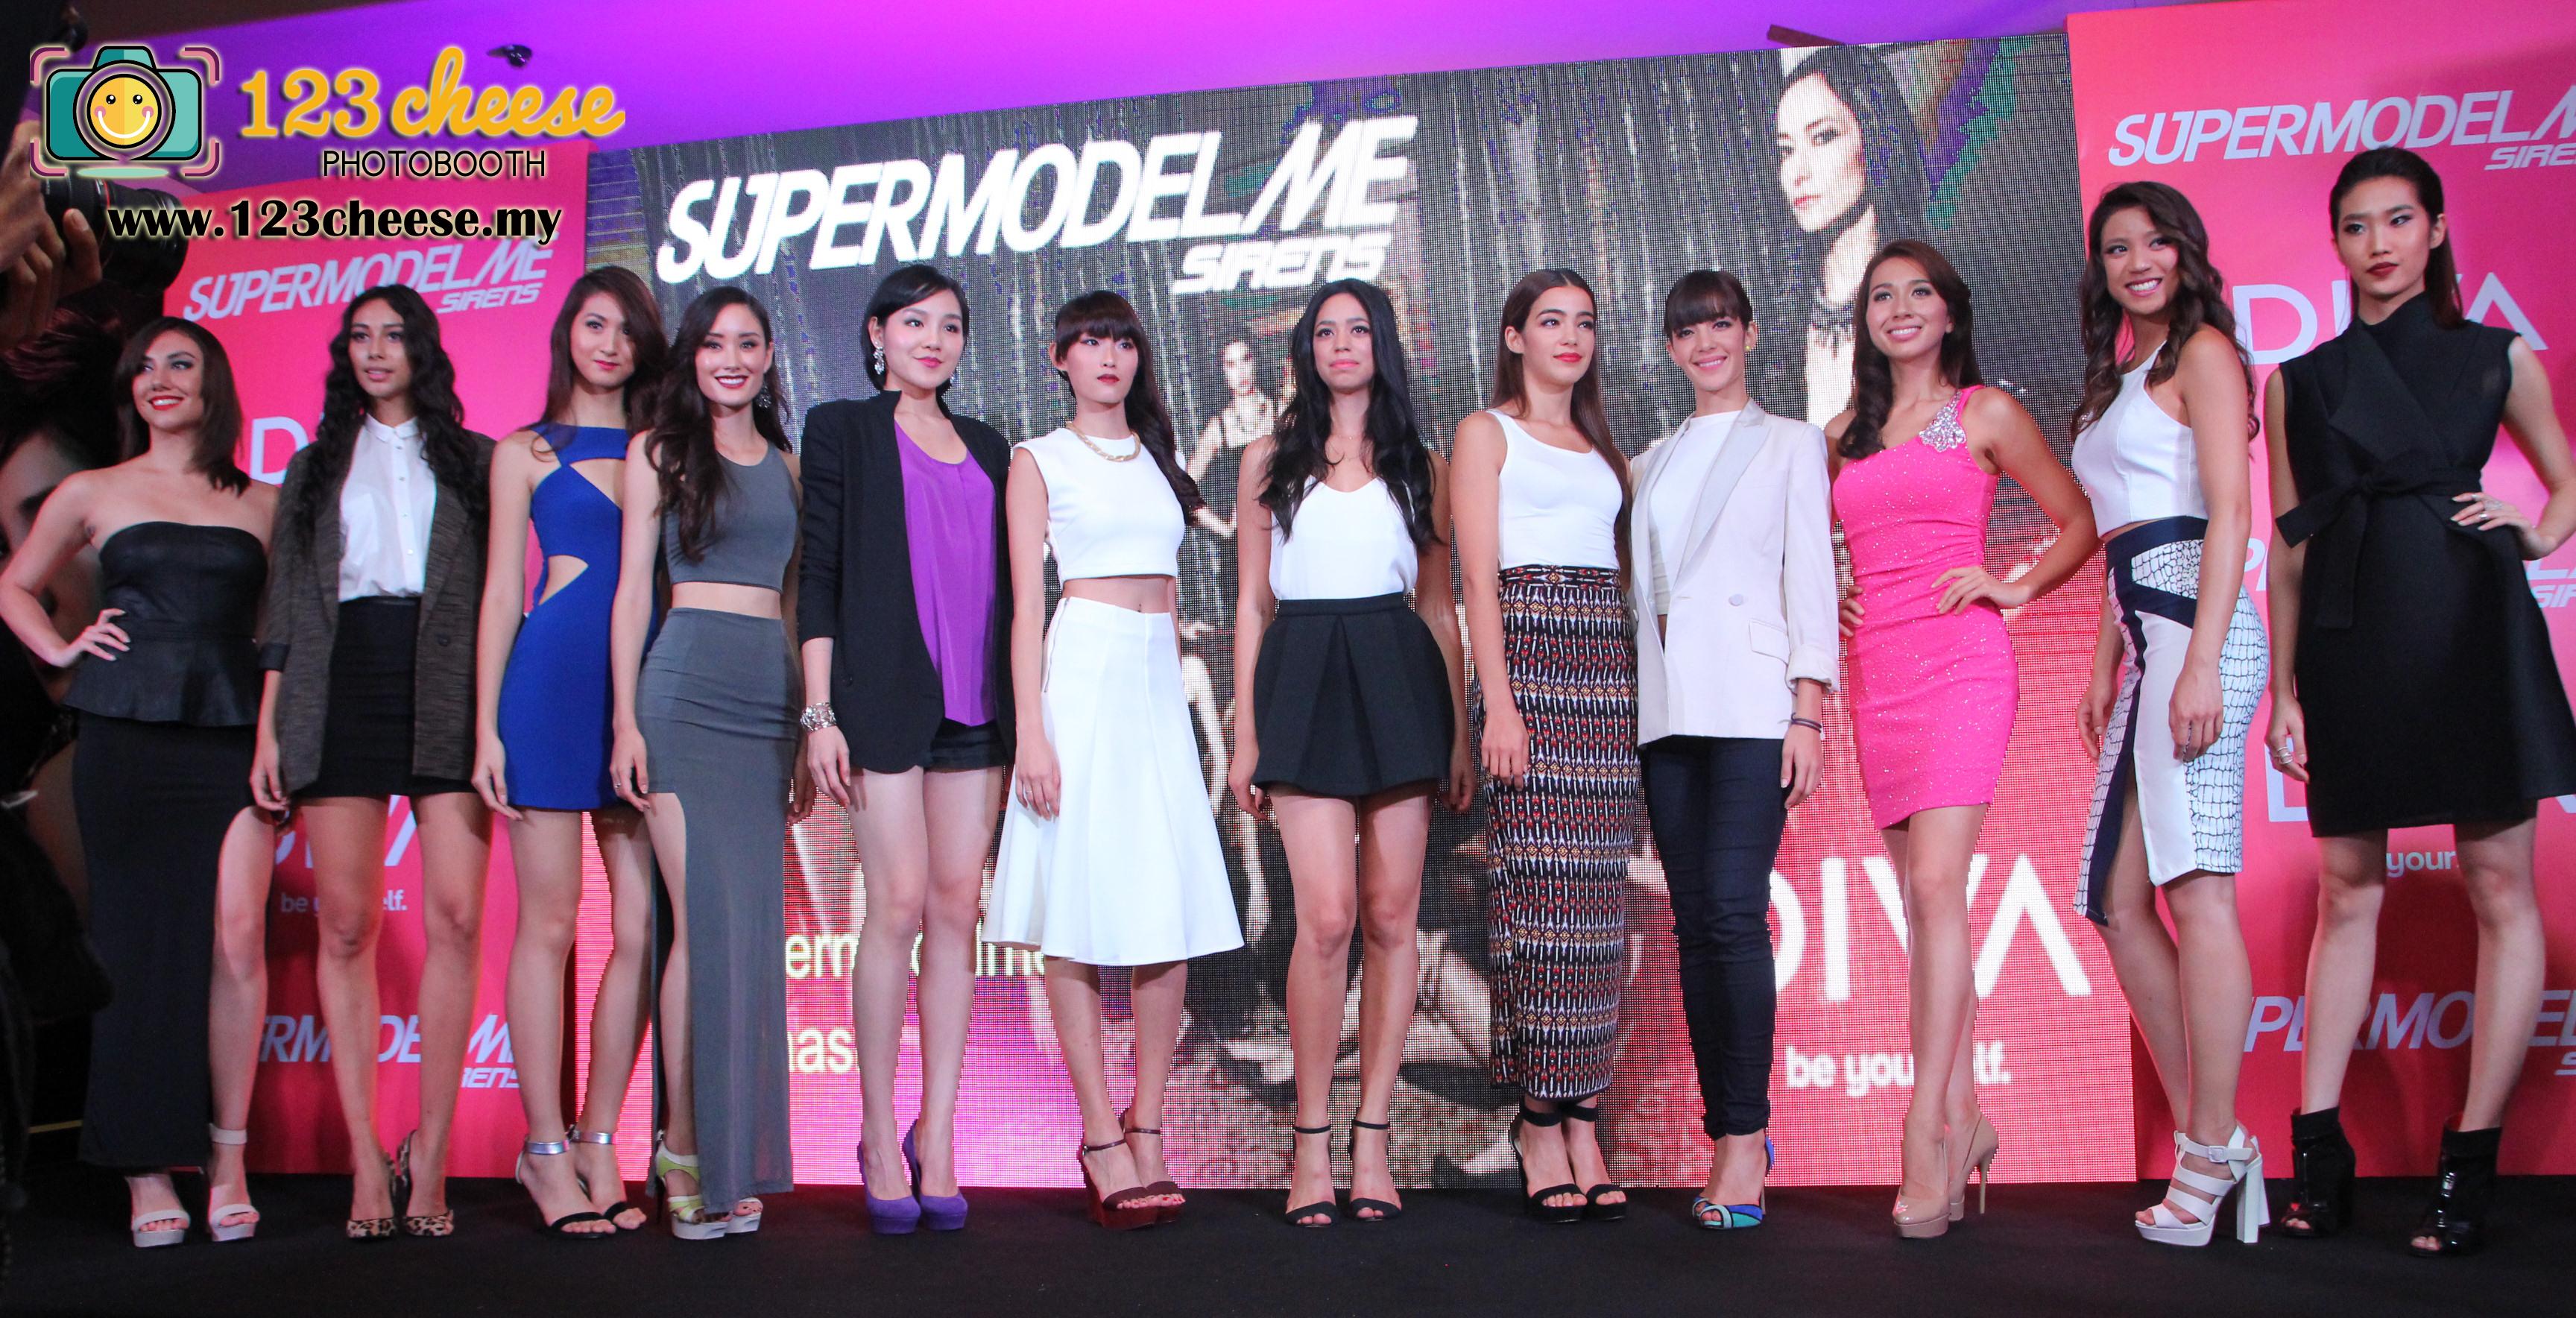 Astro s diva tv supermodelme sirens s5 photo booth for Diva tv